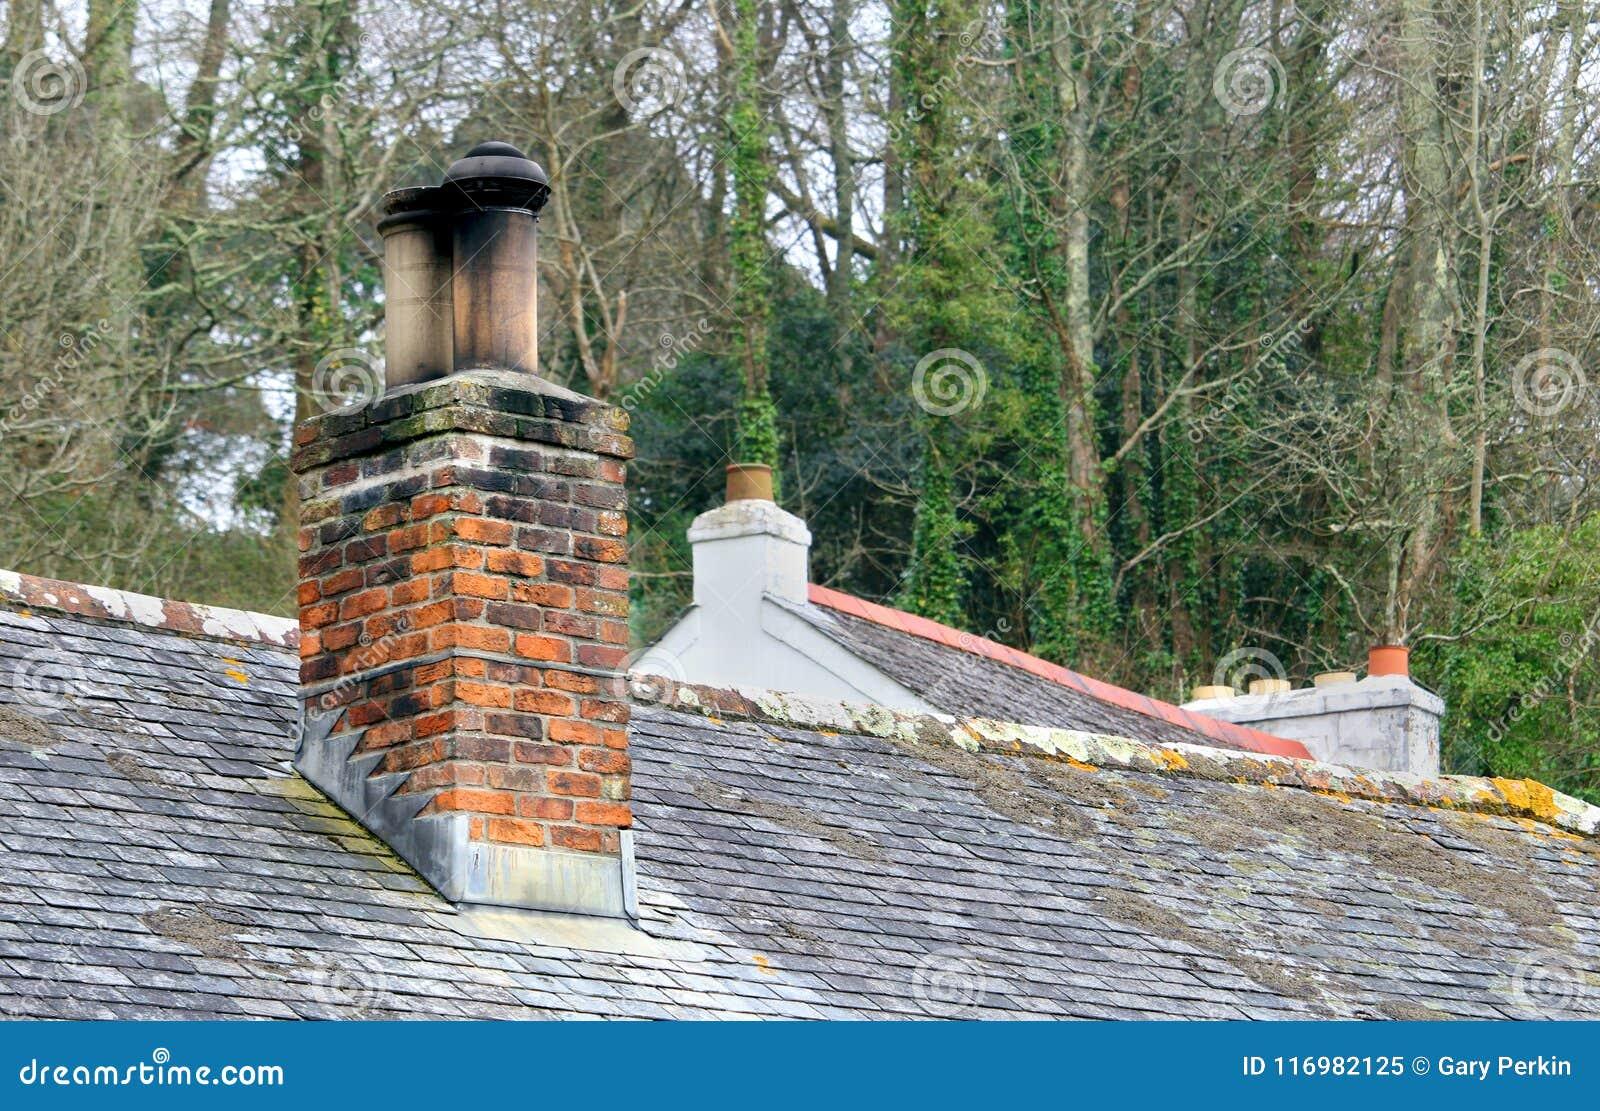 Conduit De Cheminee En Brique Rouge cheminée de brique rouge sur le toit de la vieille maison